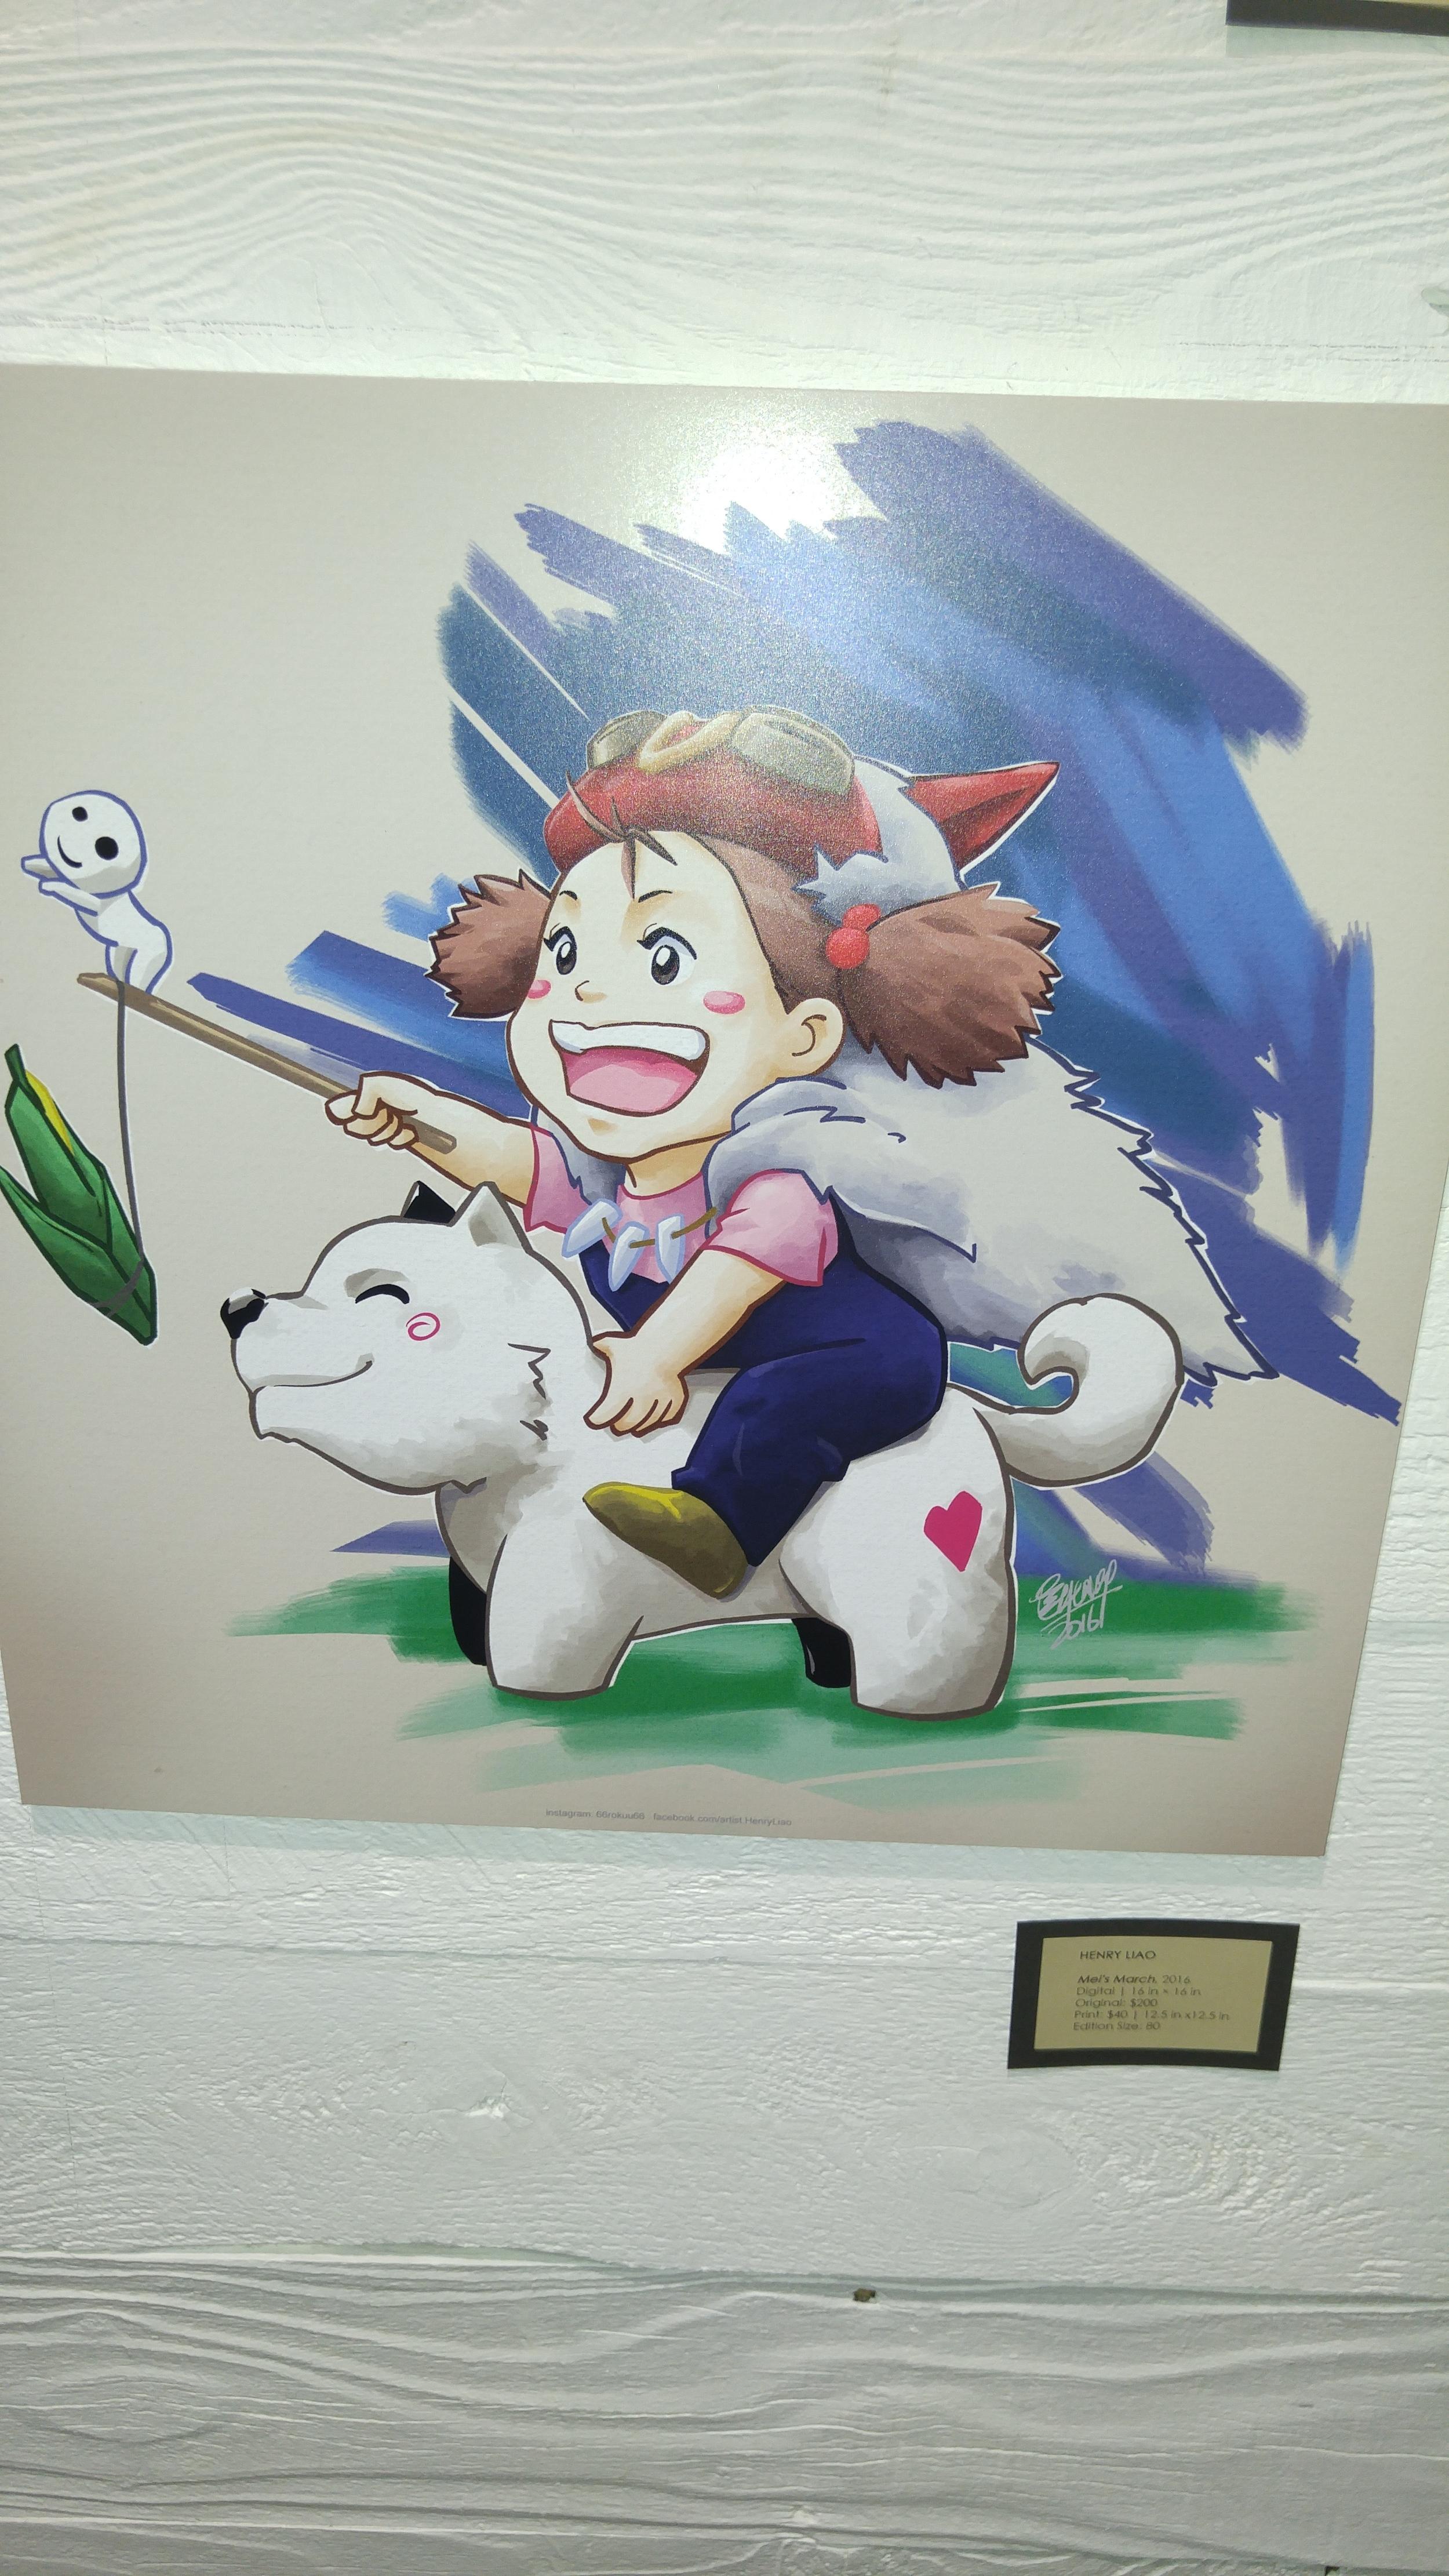 A Miyazaki mashup...